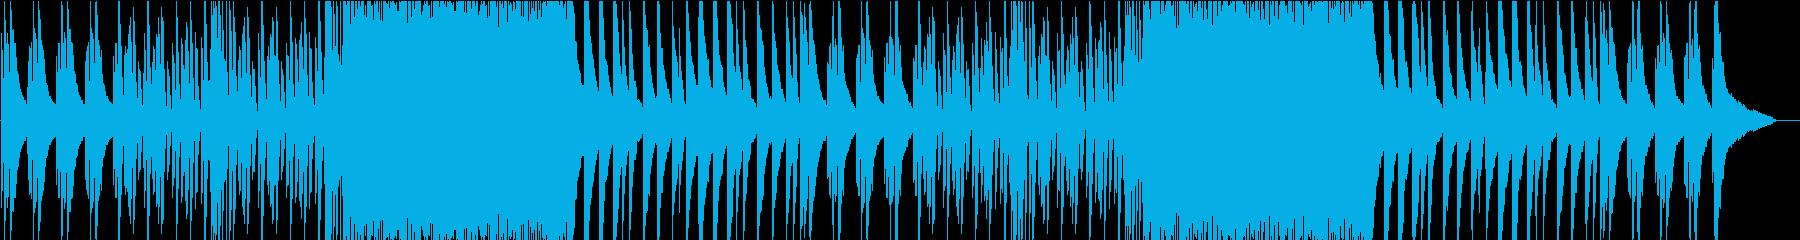 お洒落でジャジーなピアノBGMの再生済みの波形